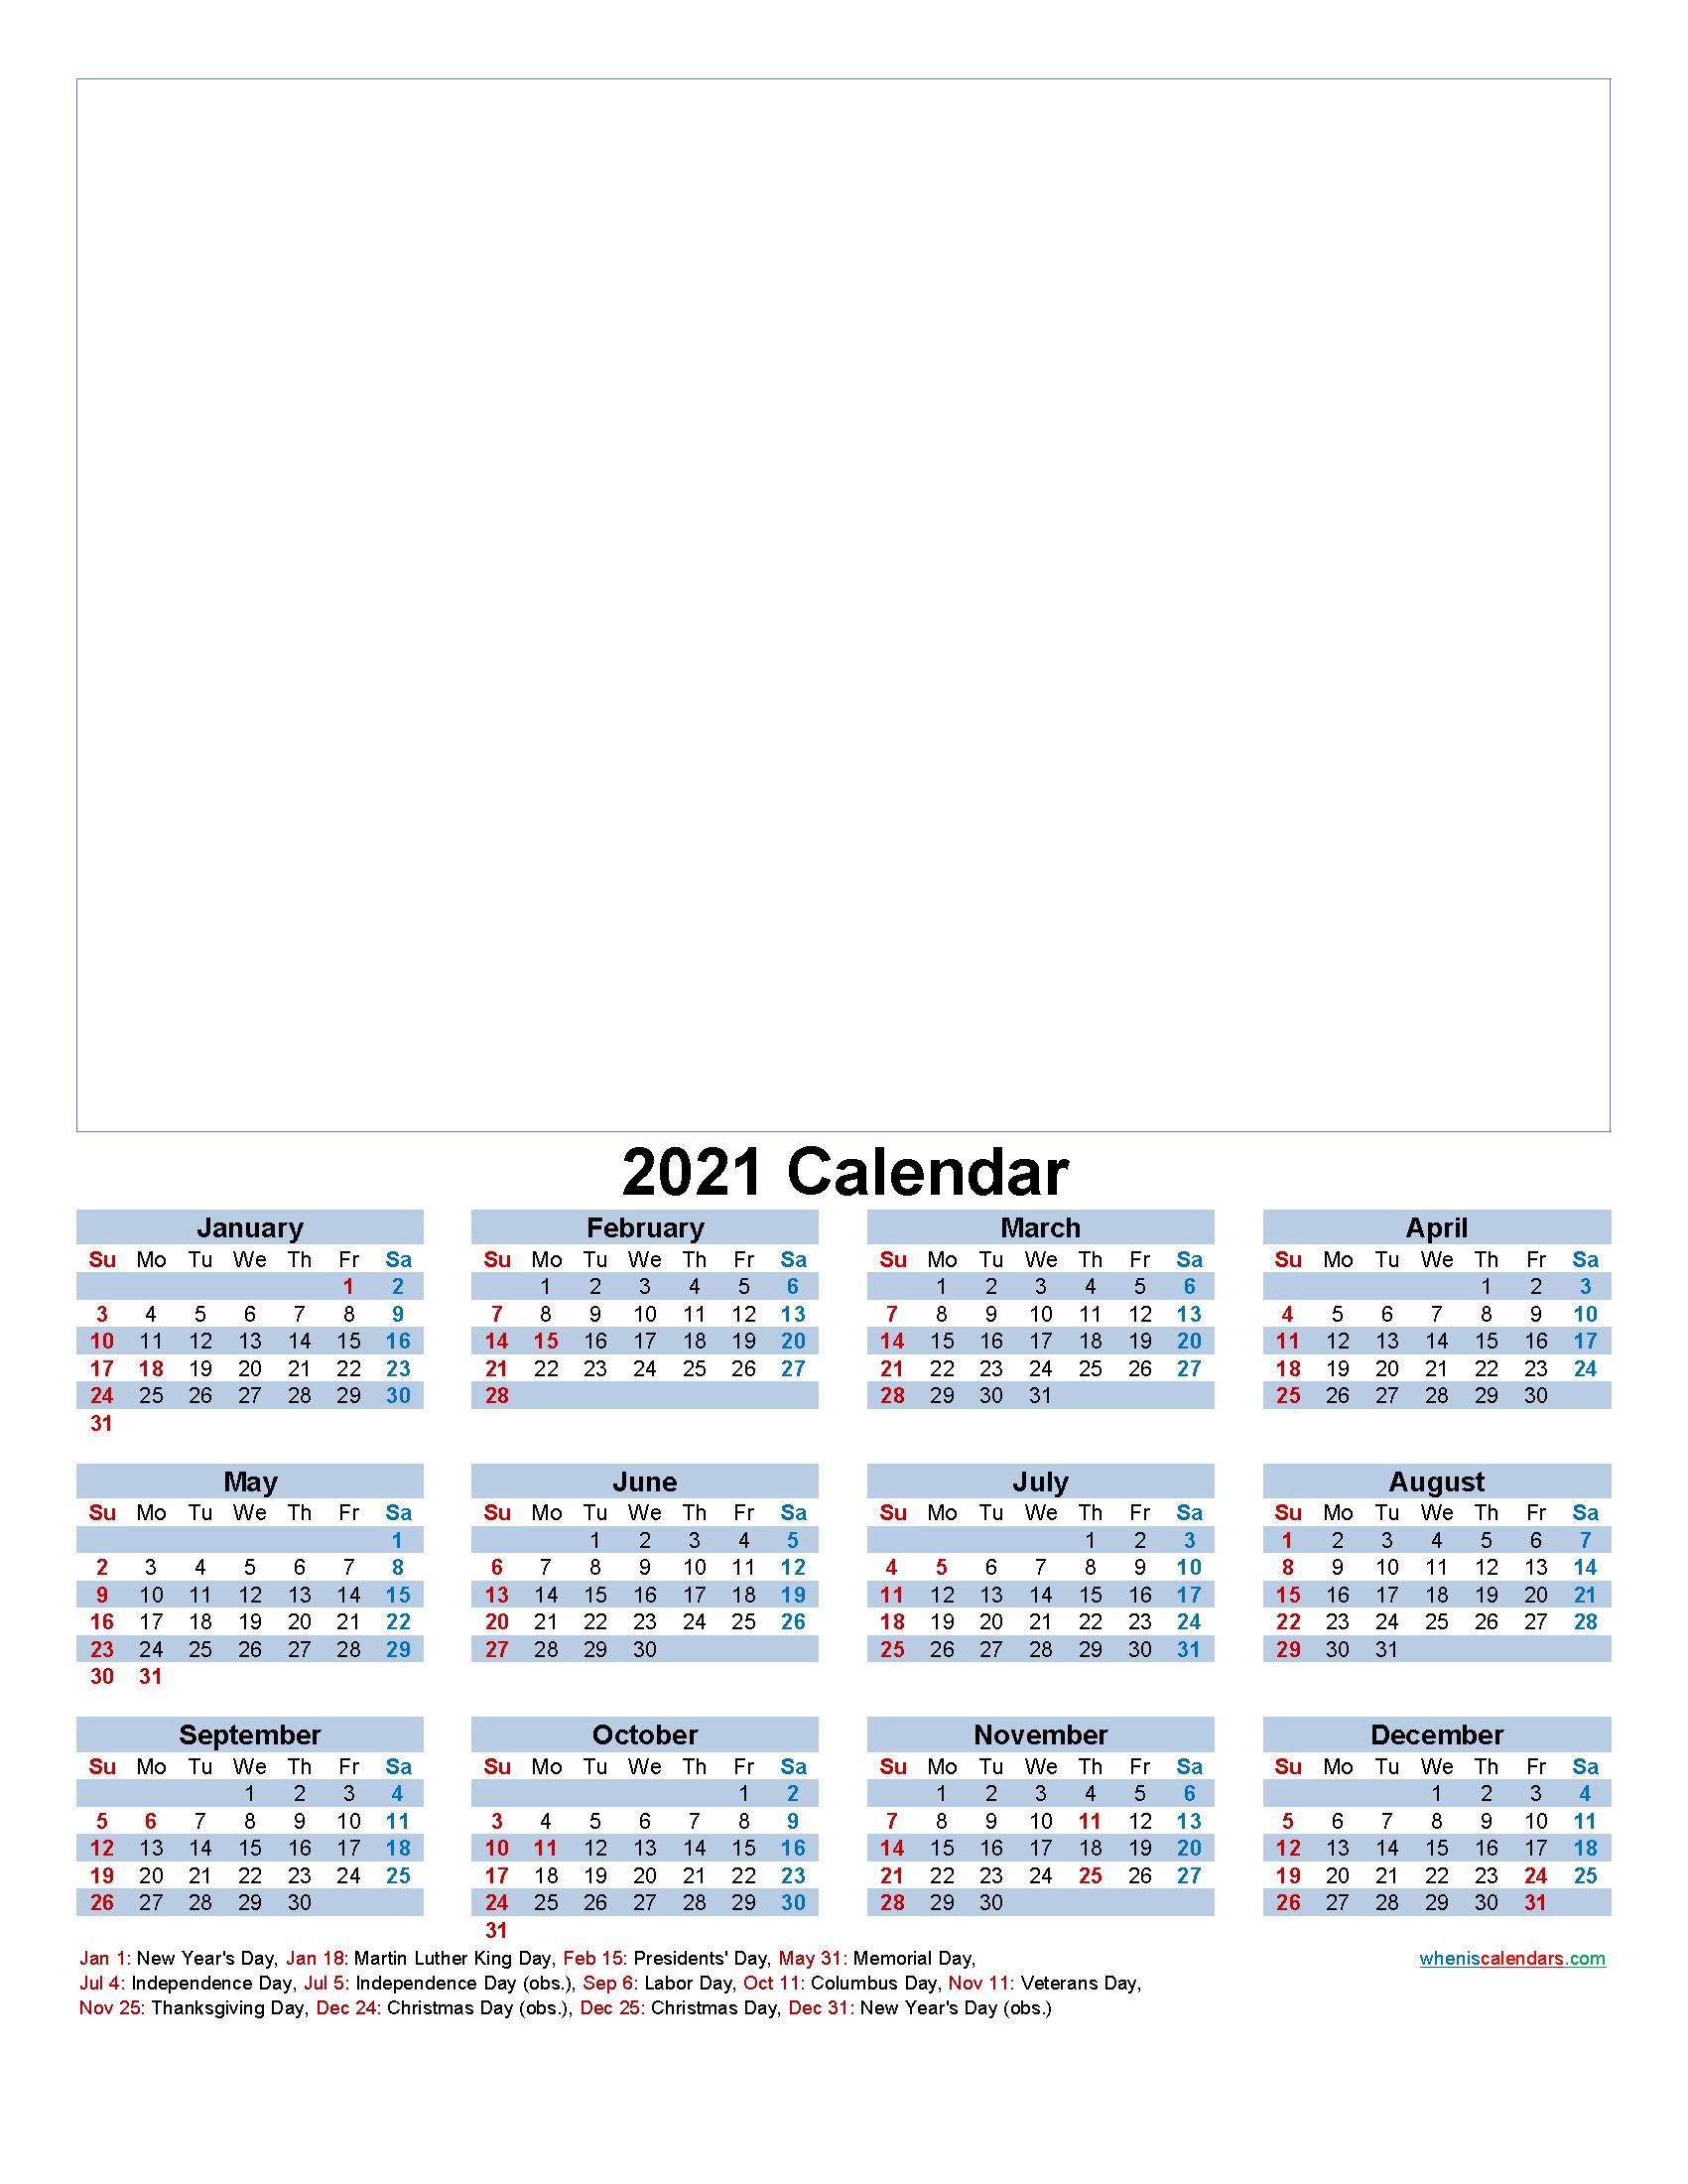 Custom Photo Calendar 2021 Word, PDF - Template No.f21y37